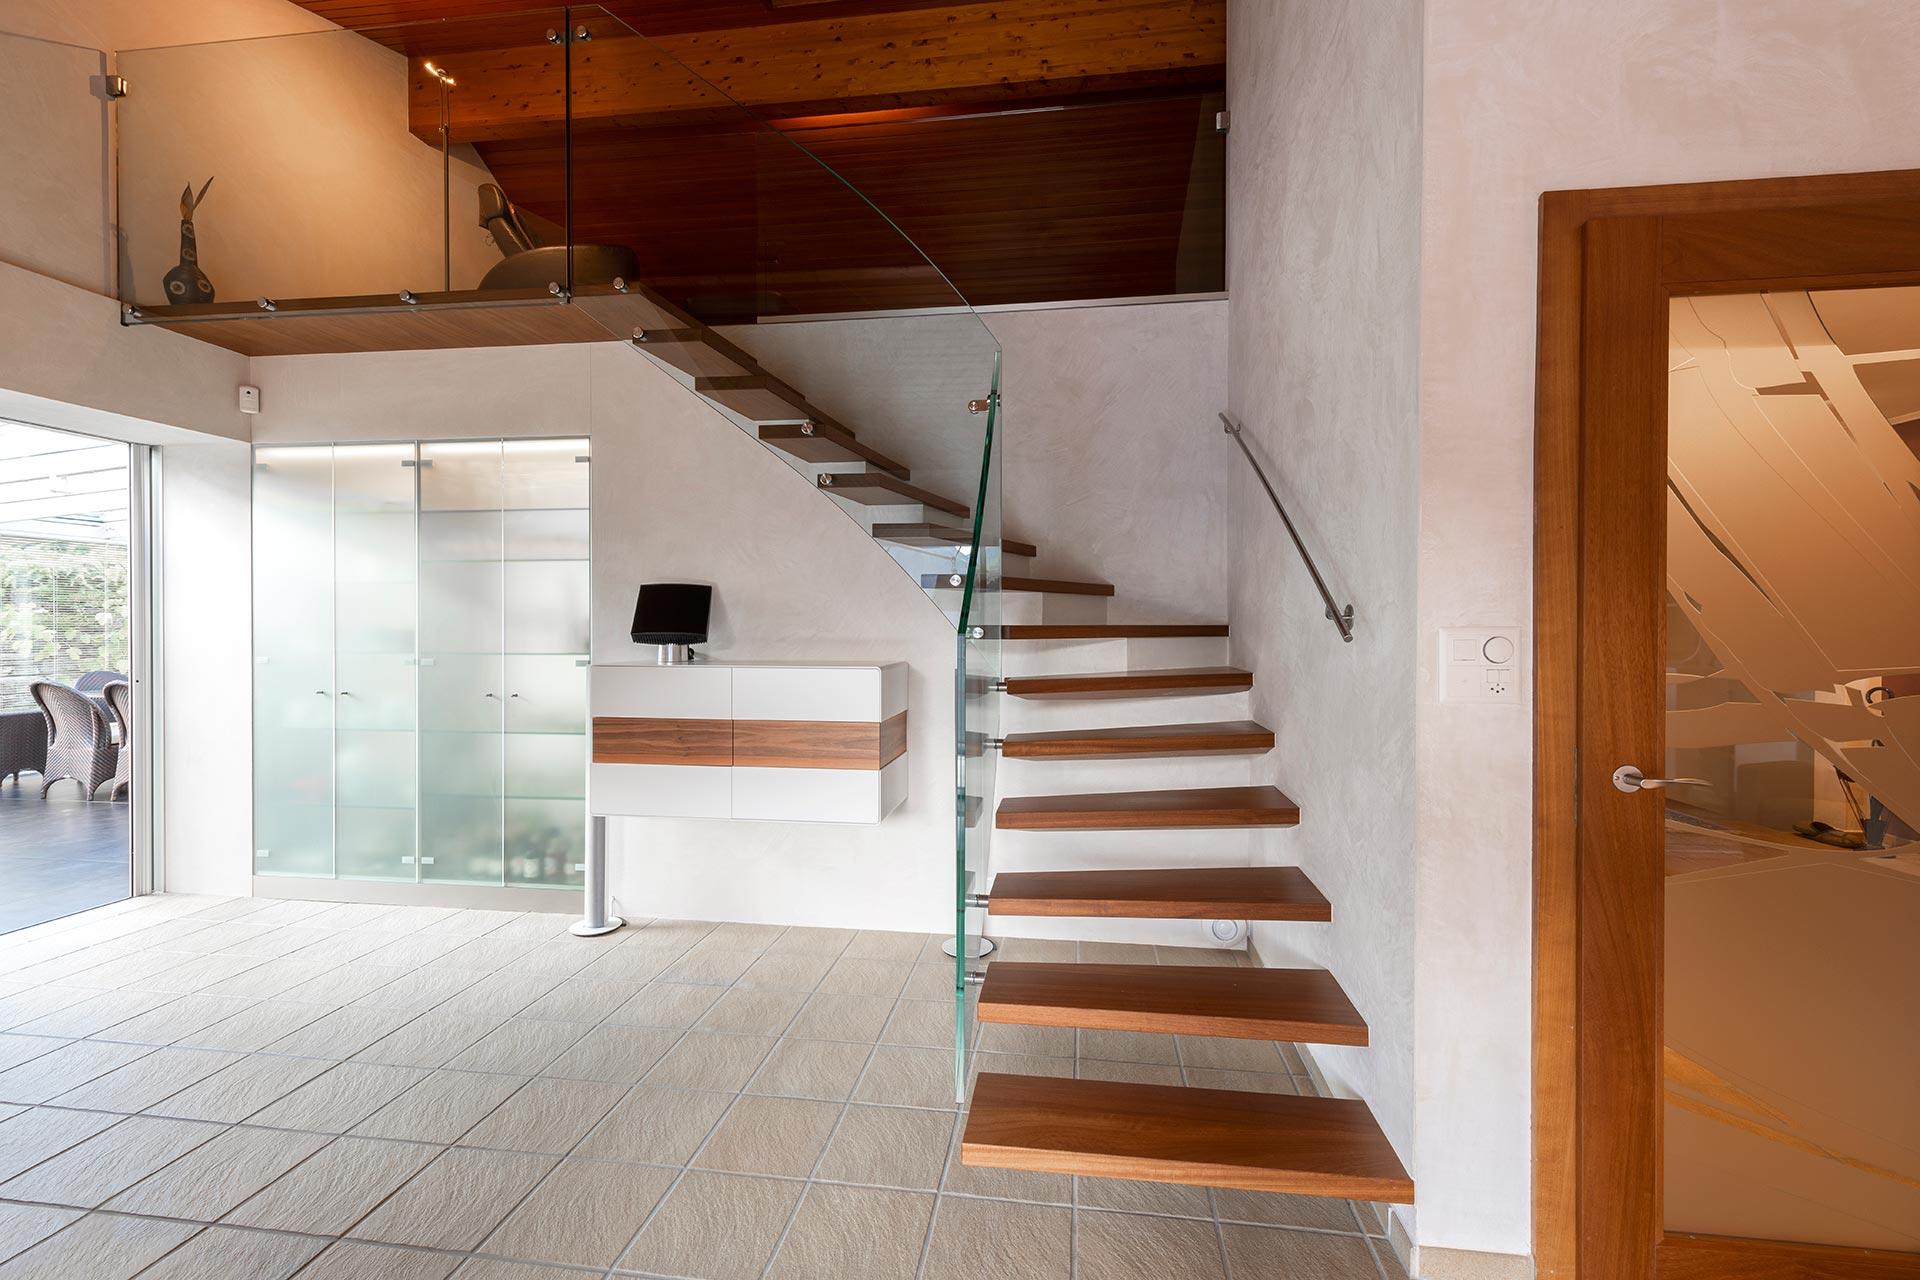 escalierDoussier03 - Escalier